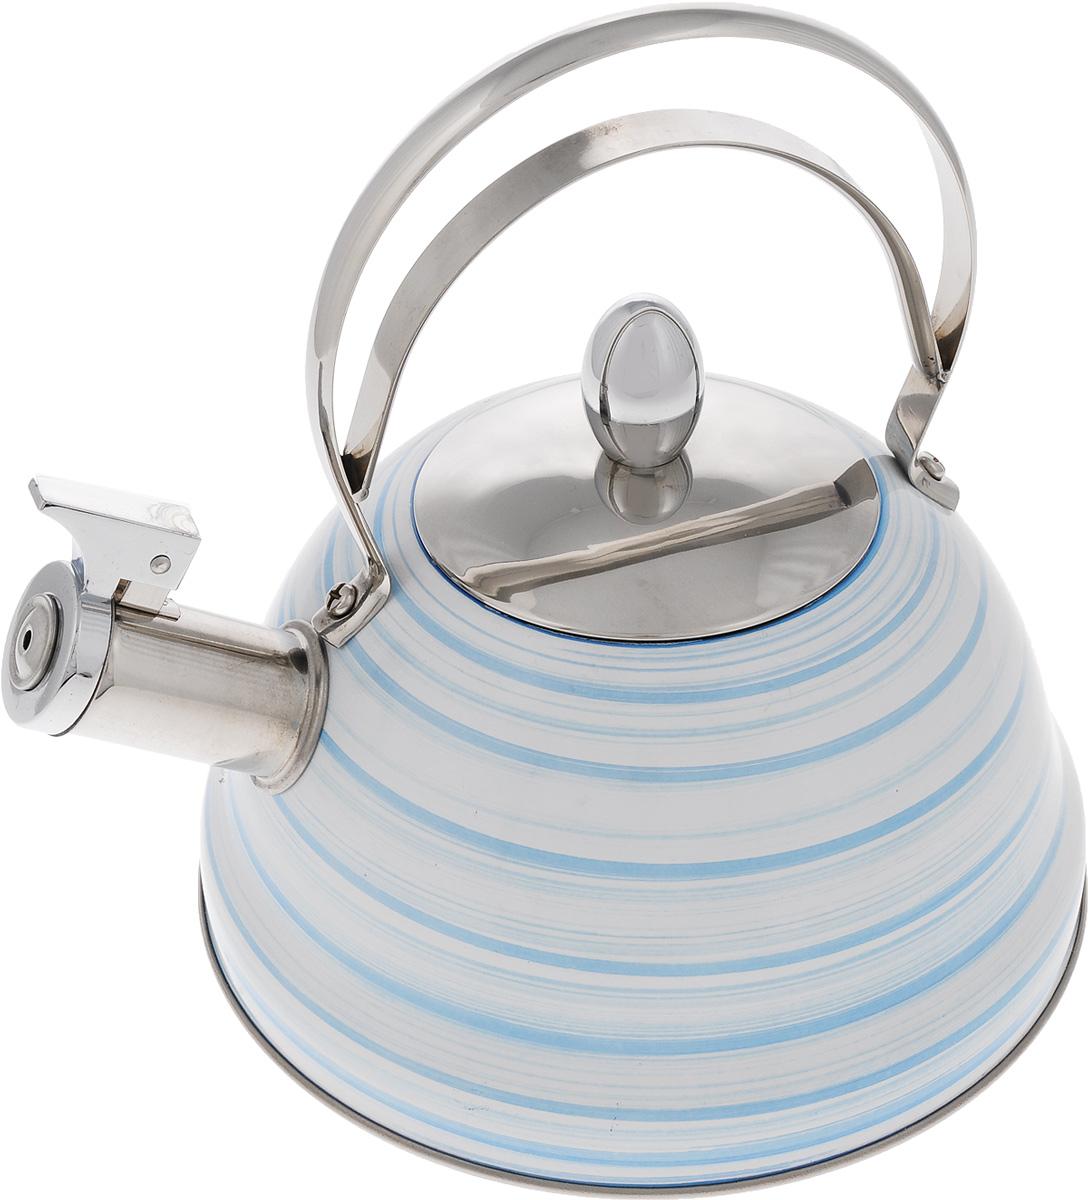 Чайник Mayer & Boch, со свистком, цвет: белый, голубой, стальной, 2,8 л. 2142021420Чайник Mayer & Boch выполнен из высококачественной нержавеющей стали, что делает его весьма гигиеничным и устойчивым к износу при длительном использовании. Капсулированное дно с прослойкой из алюминия обеспечивает наилучшее распределение тепла. Носик чайника оснащен насадкой-свистком, звуковой сигнал которого подскажет, когда закипит вода. Фиксированная ручка из нержавеющей стали, делает использование чайника очень удобным и безопасным. Поверхность чайника гладкая, что облегчает уход за ним. Эстетичный и функциональный, с эксклюзивным дизайном, чайник будет оригинально смотреться в любом интерьере.Подходит для всех типов плит, включая индукционные. Можно мыть в посудомоечной машине. Высота чайника (без учета ручки и крышки): 10,5 см.Высота чайника (с учетом ручки и крышки): 23 см.Диаметр чайника (по верхнему краю): 10 см.